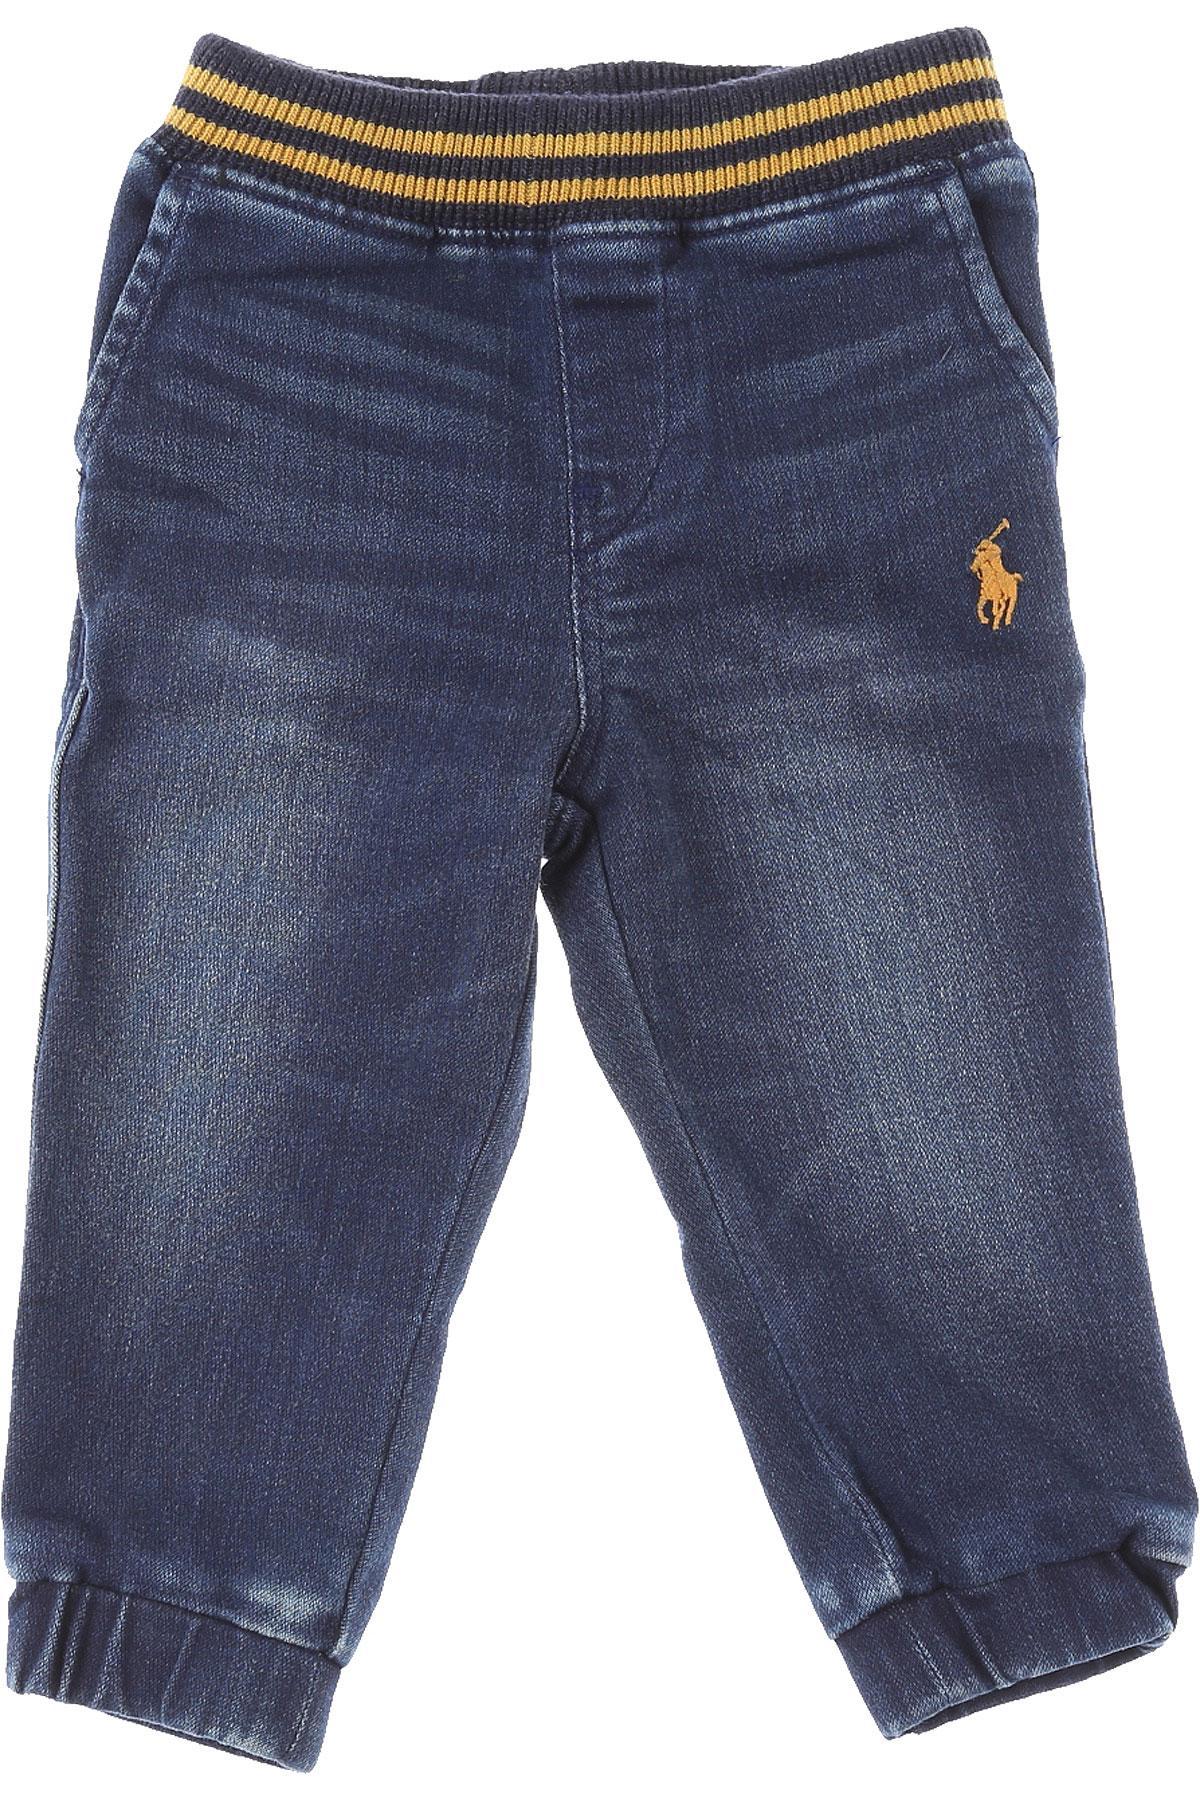 Ralph Lauren Baby Jeans for Boys On Sale, Blue Denim, Cotton, 2019, 12 M 18 M 6M